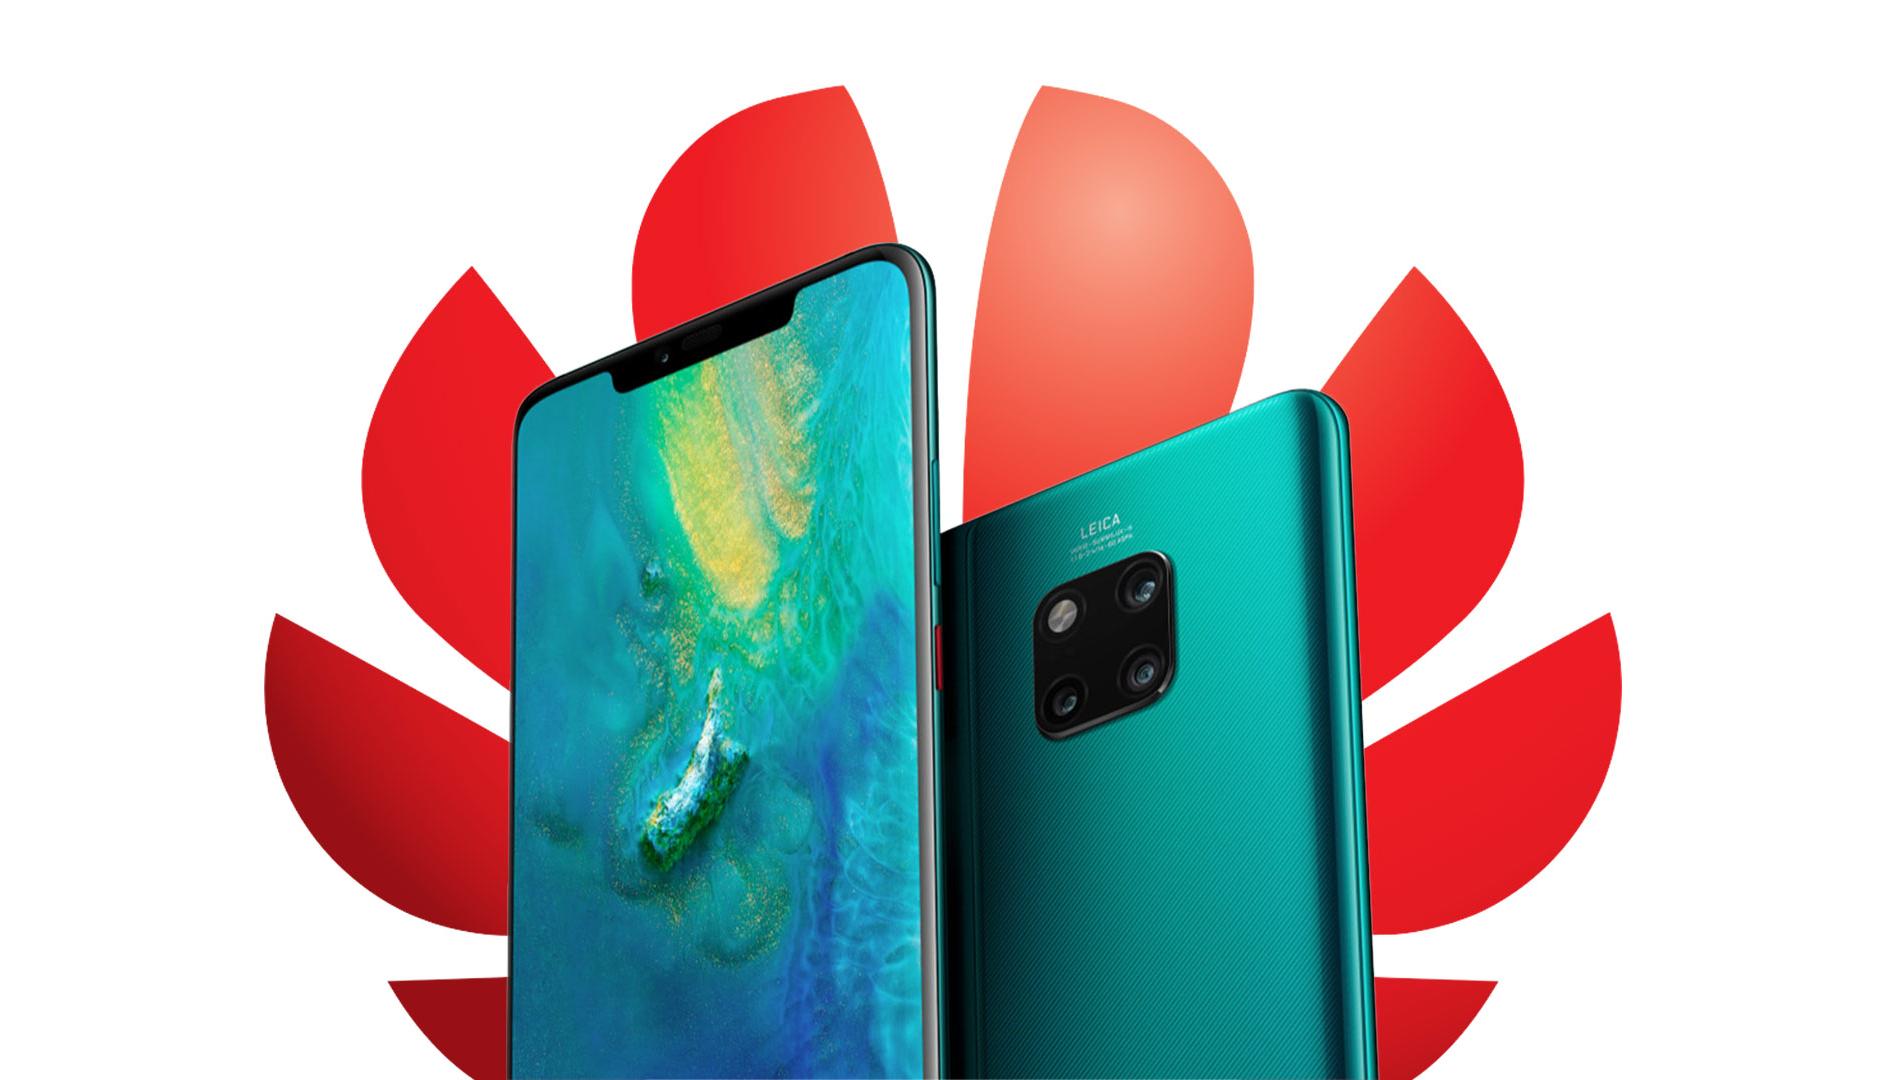 Huawei continua a dominare in Cina: +31% nel Q2 2019